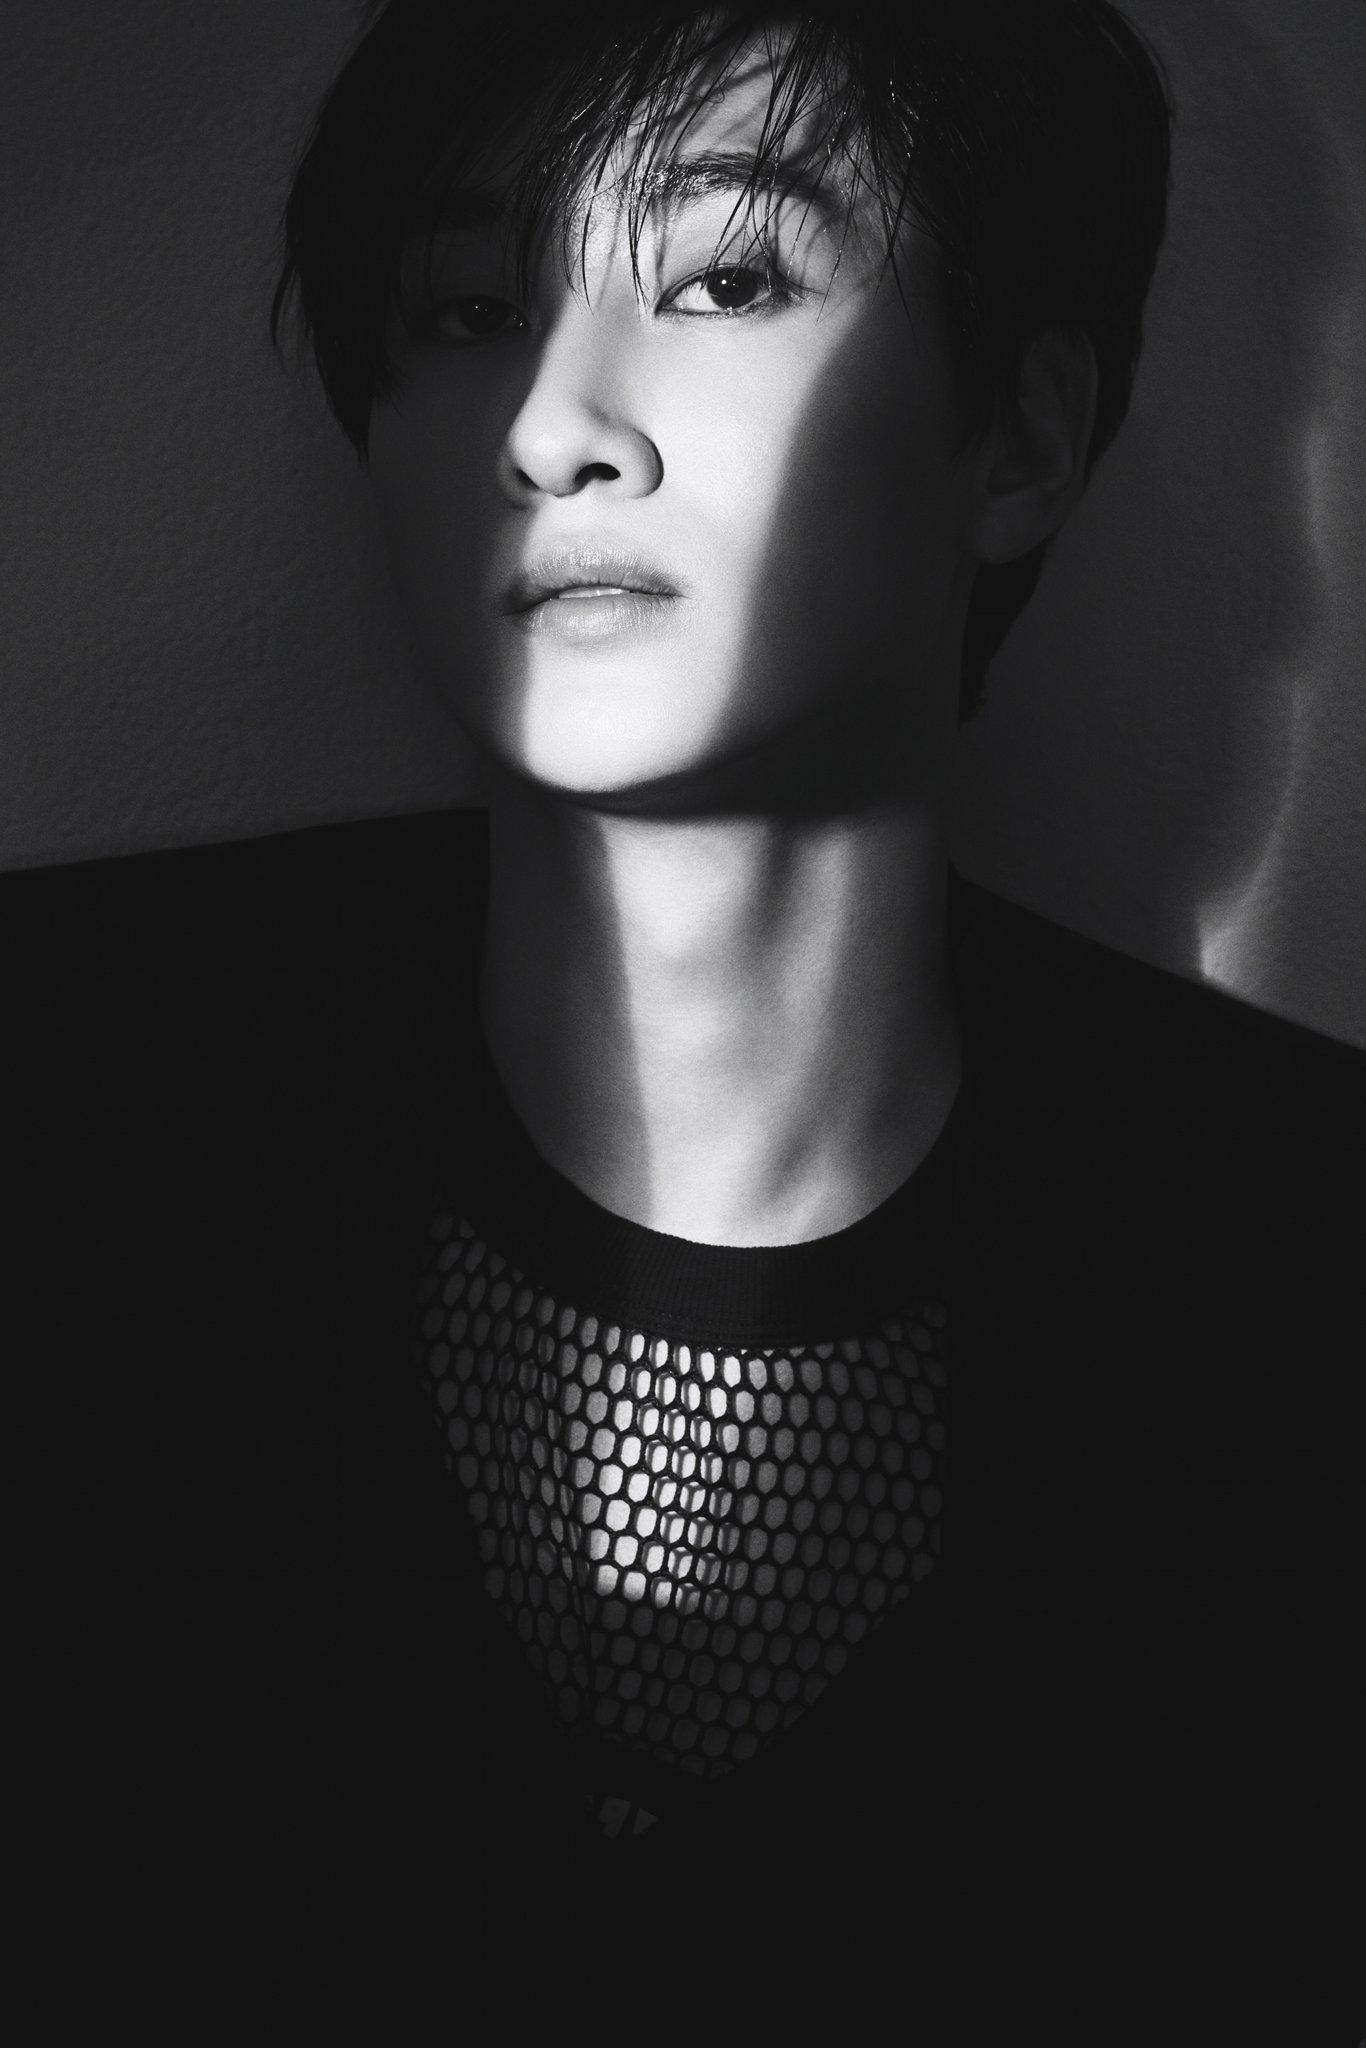 Super Junior Timeless Teaser Photos Hd Hr K Pop Database Dbkpop Com